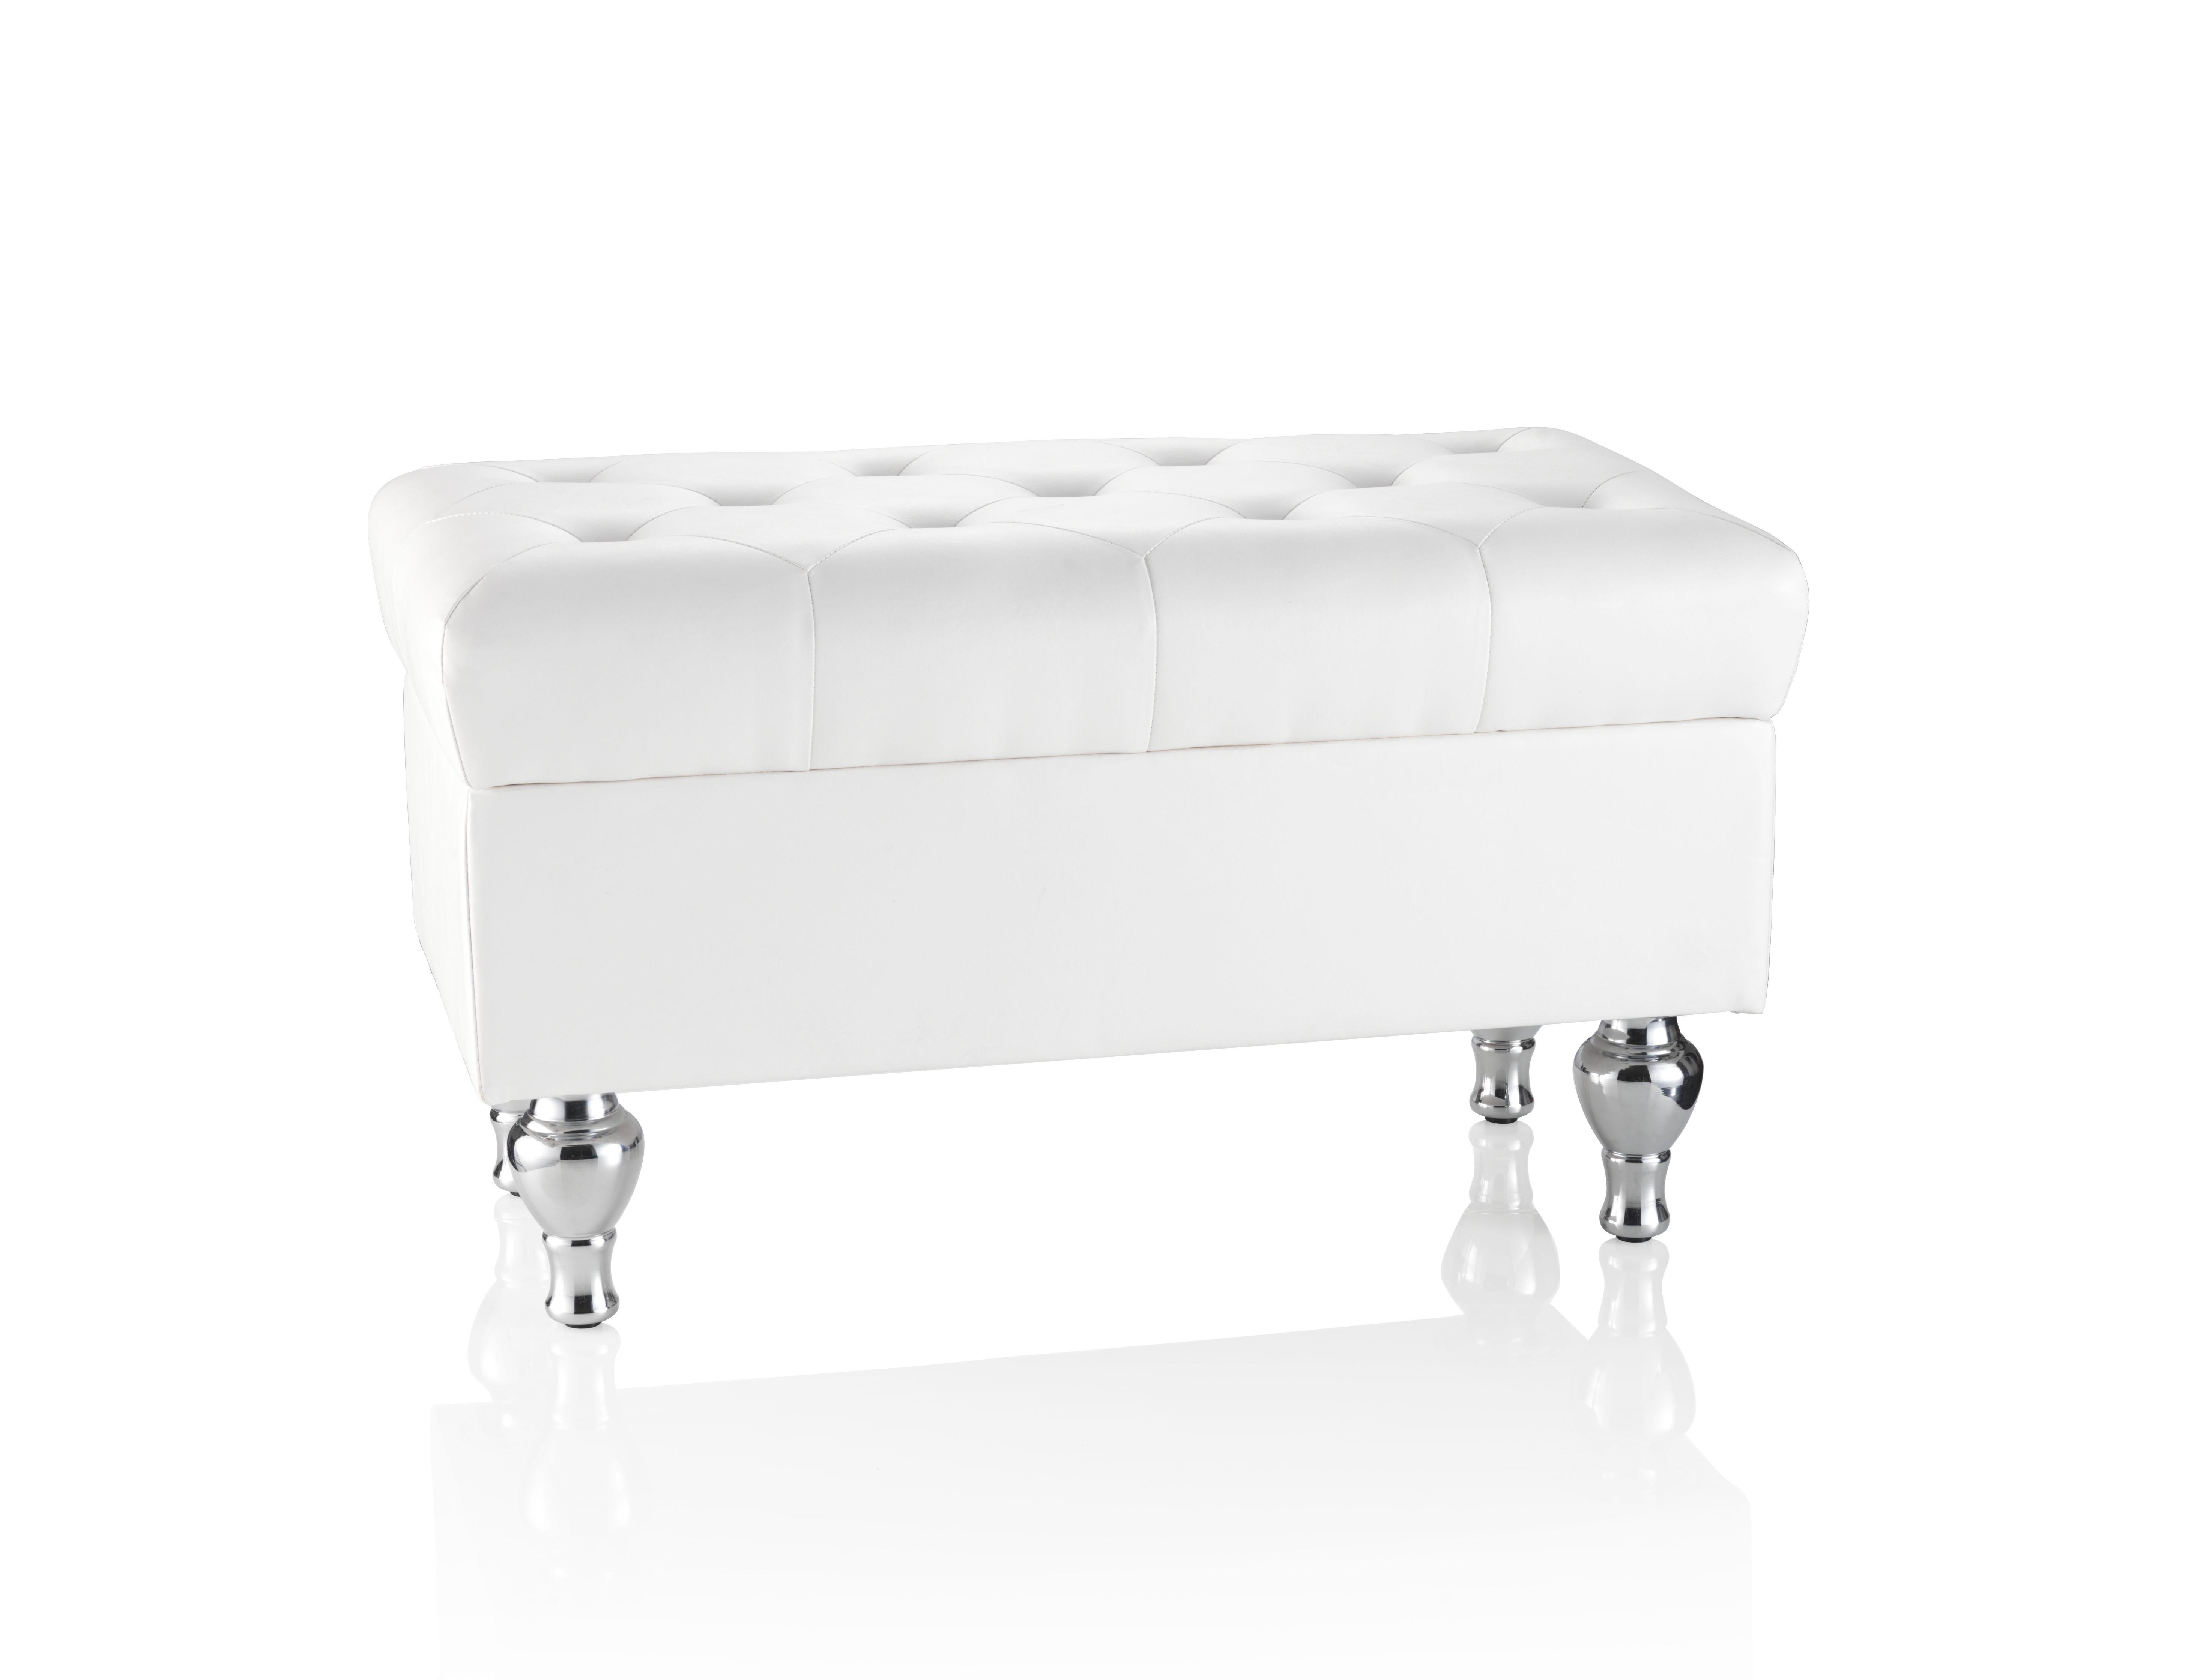 Пуф CapitonneКожаные пуфы<br>Пуф &amp;quot;Capitonne&amp;quot; полностью отвечает требованиям самого искушенного потребителя и его мечтам о хорошей мебели. Внутри пуфа находится вместительный ящик для хранения, что поможет Вам сохранить пространство в помещении. Пуф прекрасно впишется в прихожую, в спальню или в гостиную.&amp;amp;nbsp;<br><br>Material: Кожа<br>Width см: 84<br>Depth см: 43<br>Height см: 46